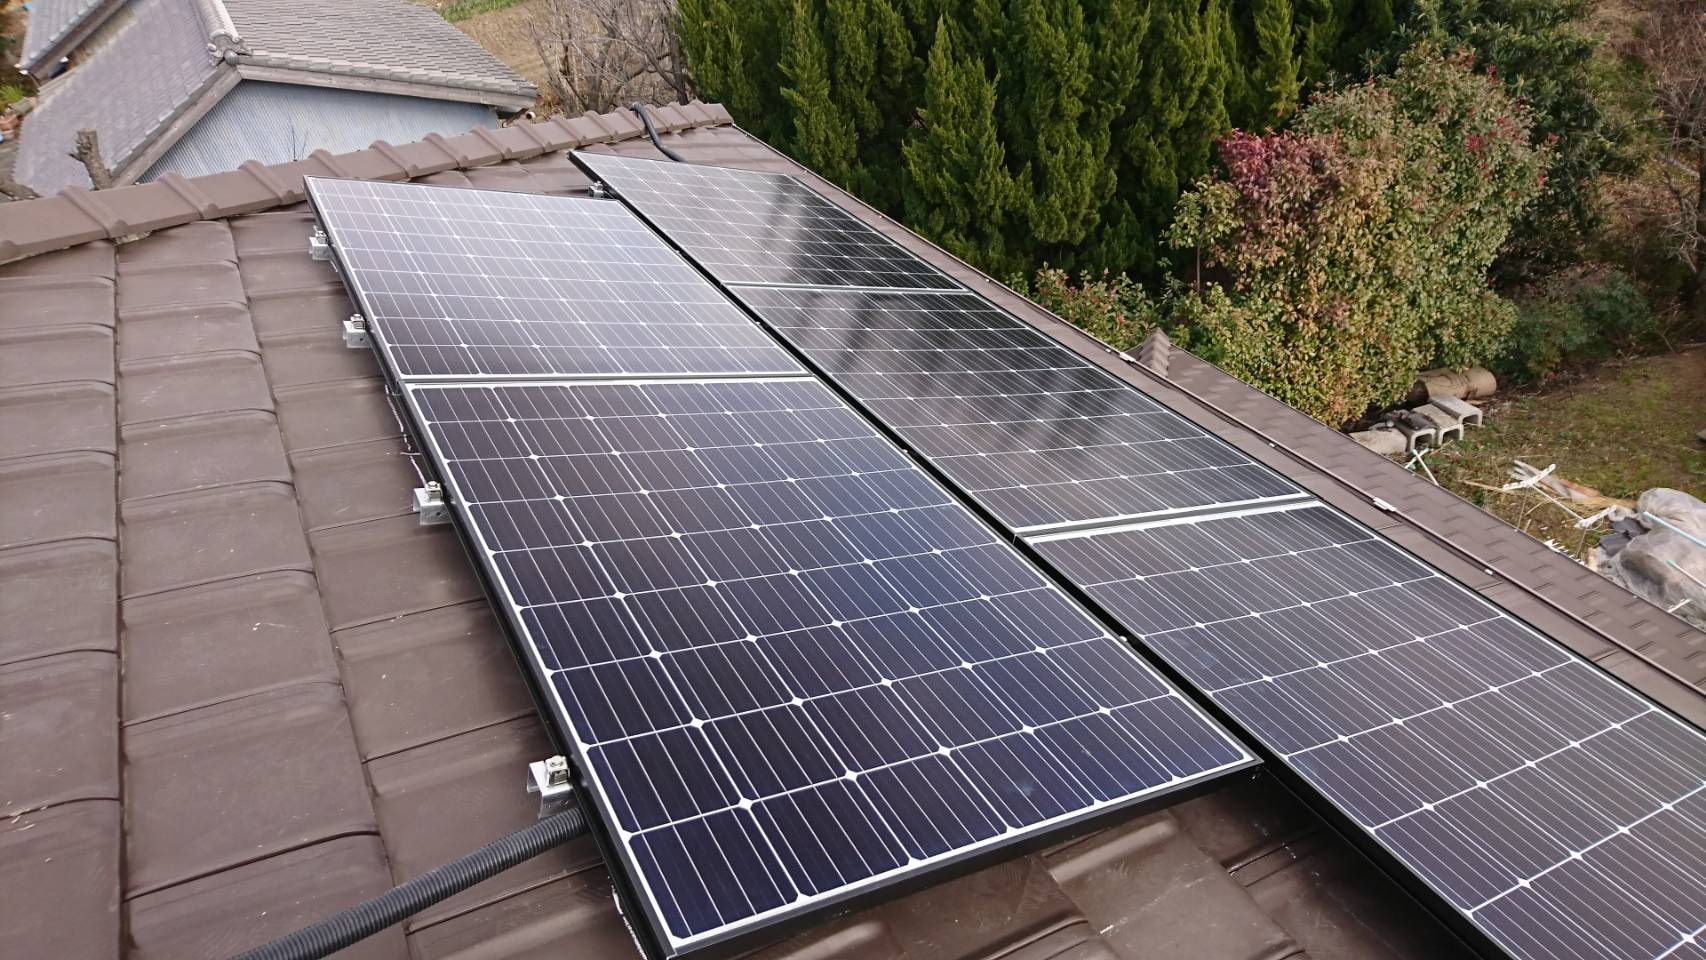 三重県長州産業 太陽光発電CS-274B61施工後の写真